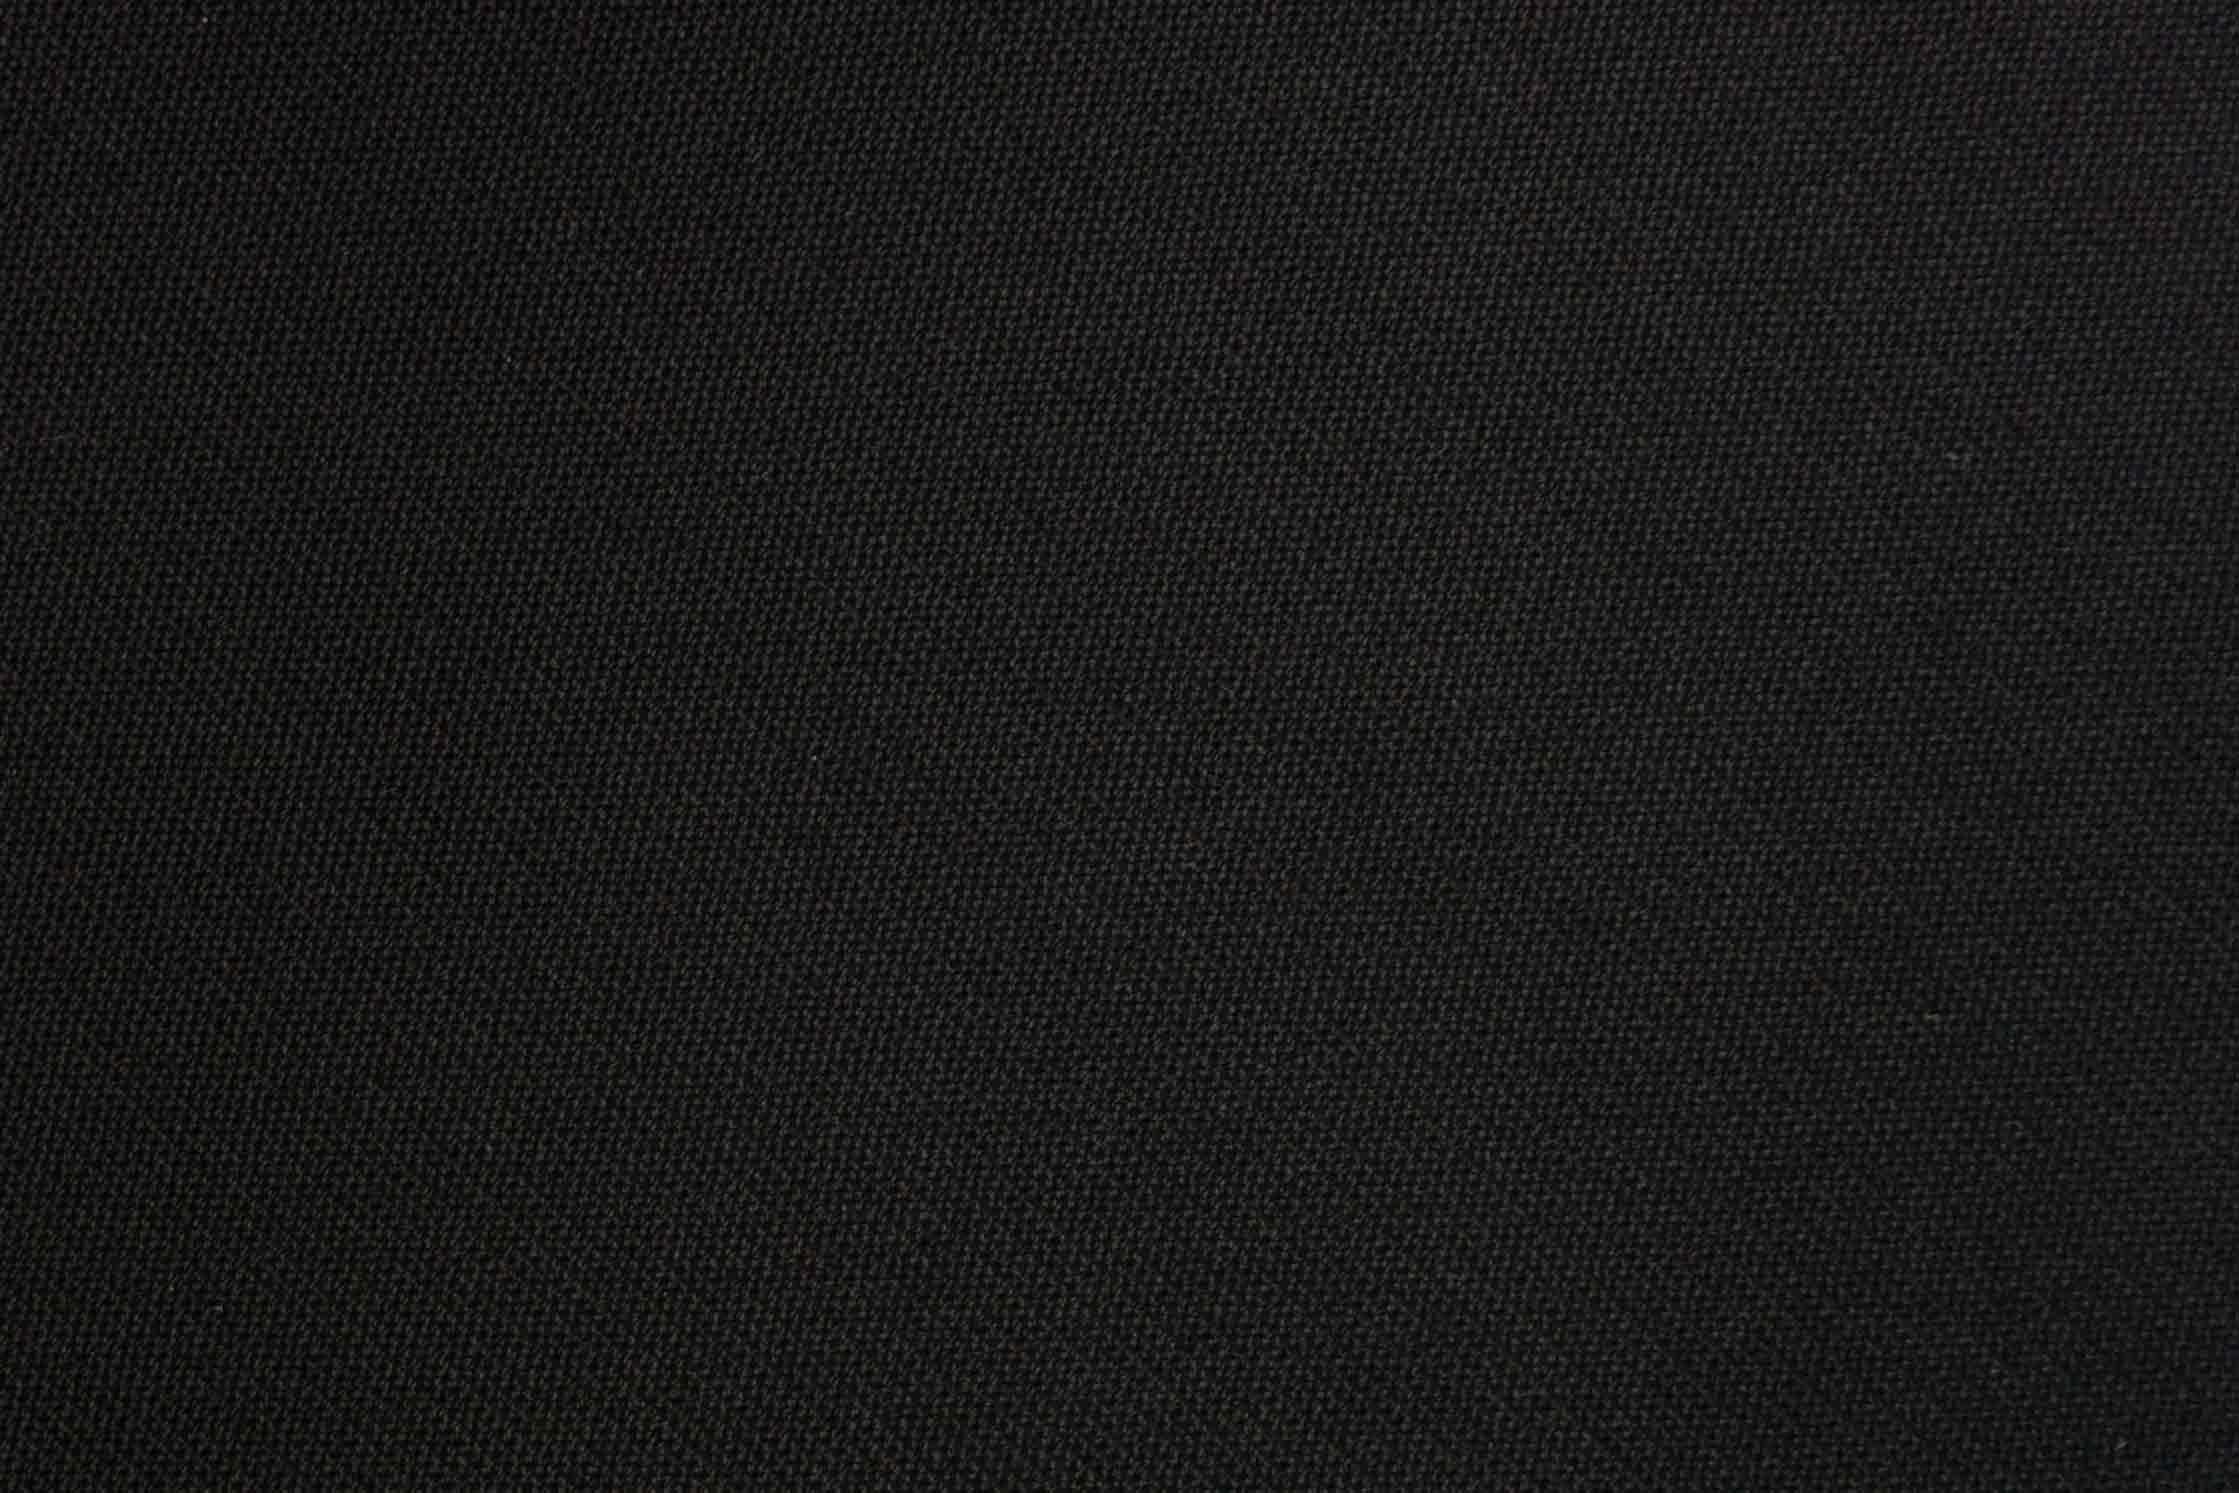 Stoff Sonnenland 111 schwarz (Rückseite beige)